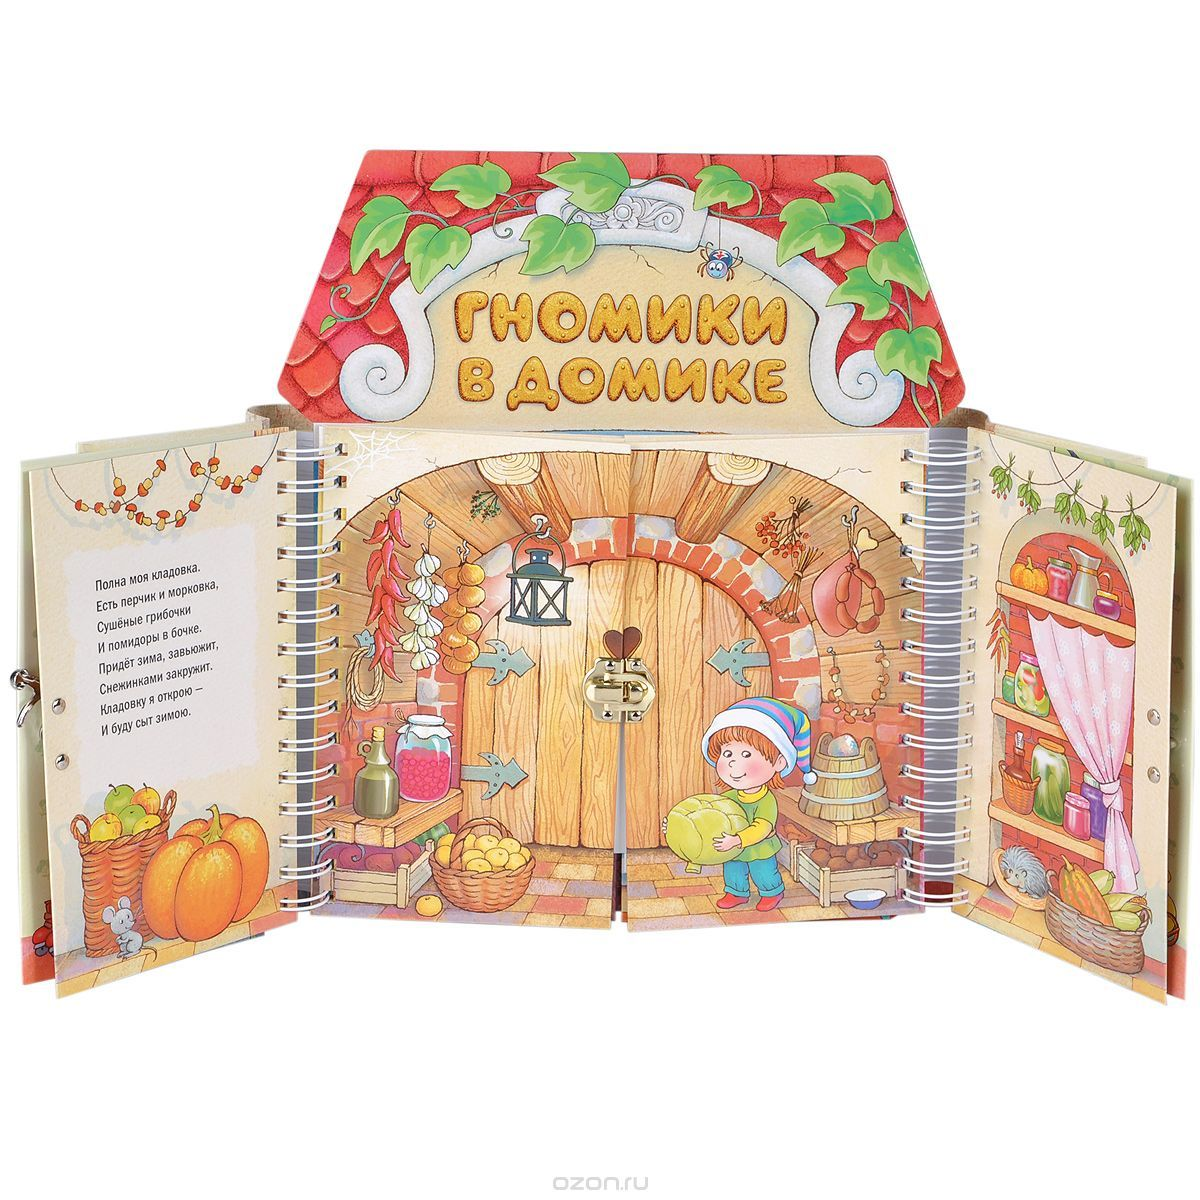 Гномики в домике. Книжка-тренажер | Книги, Тренажеры, Домики